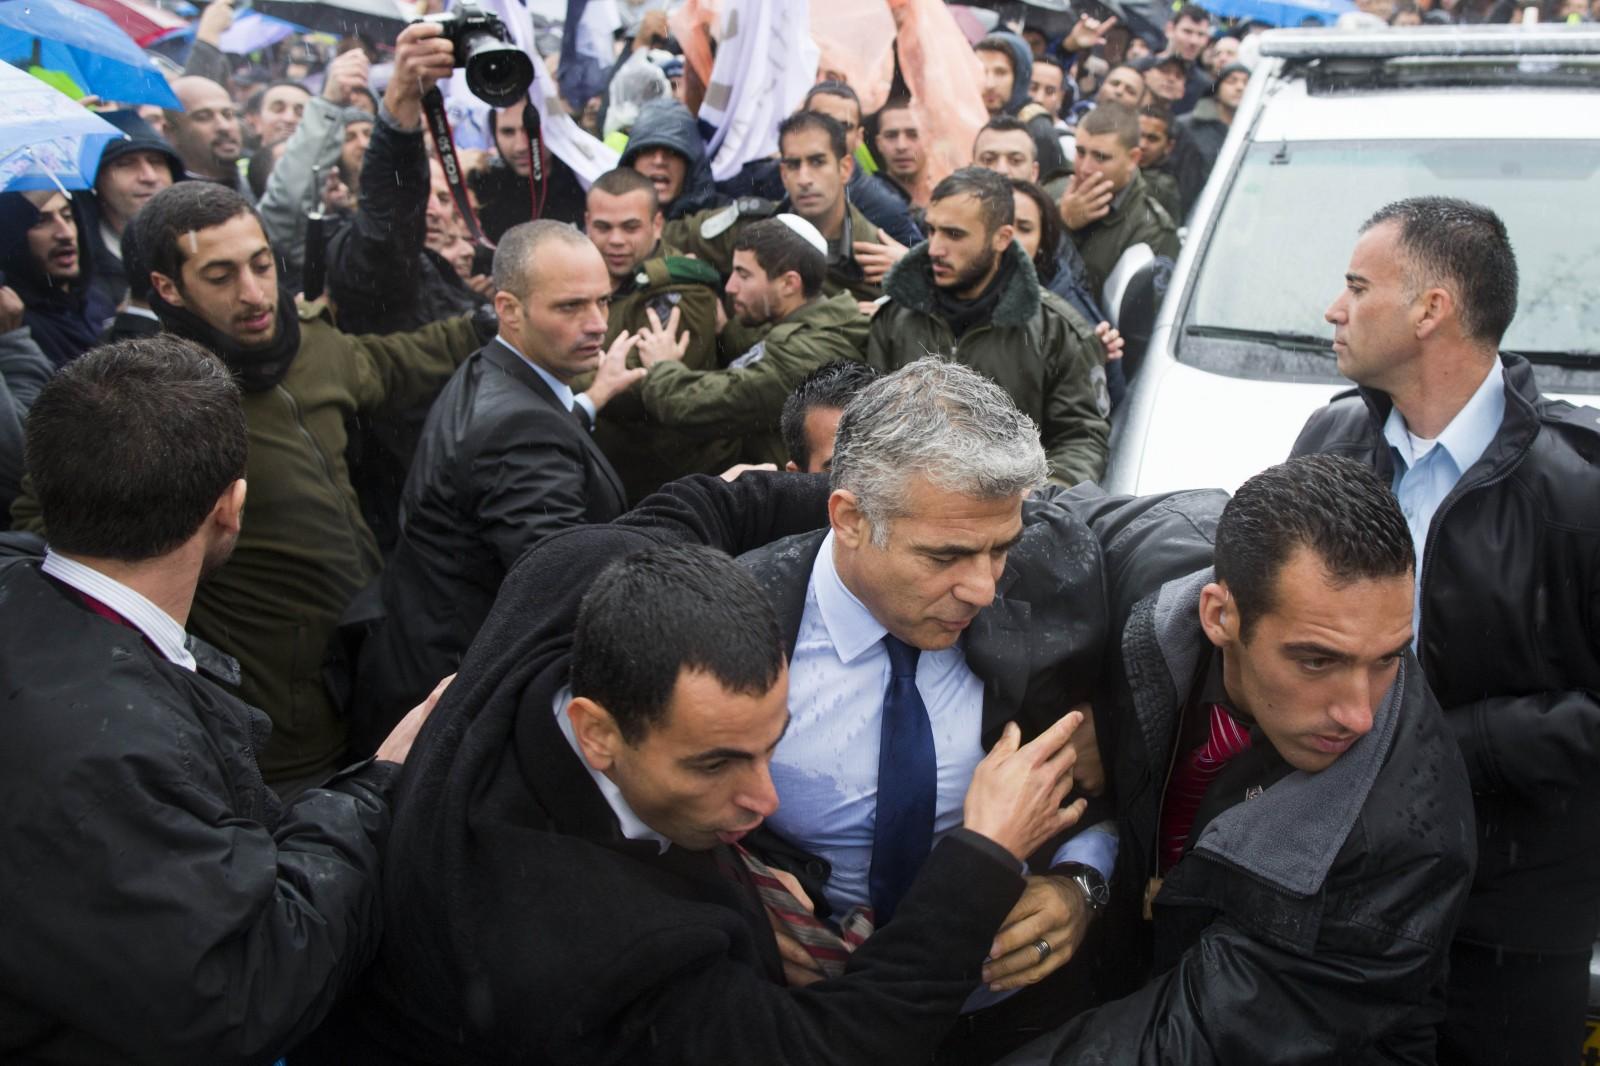 מאבטחי שר האוצר מניסים אותו ממפגינים מול משרד ראש הממשלה נגד רפורמת התעופה, 21.4.13 (צילום: יונתן זינדל)